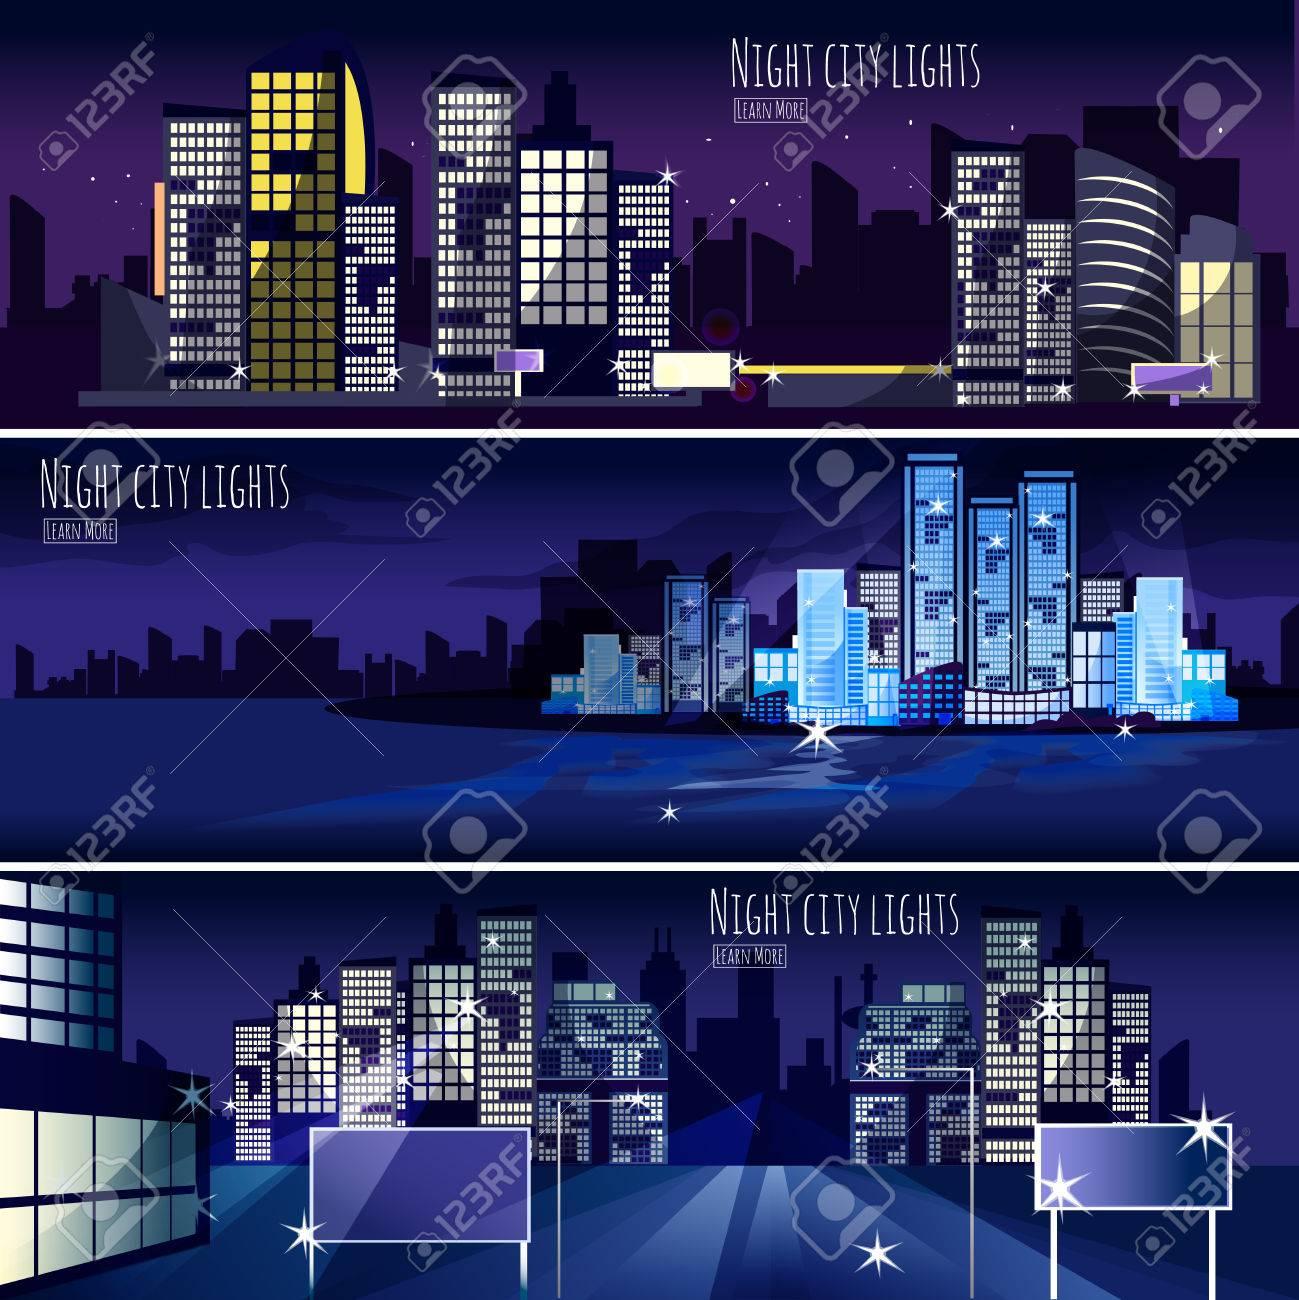 夜の街の灯夜景 3 インタラクティブな水平方向のバナー壁紙やウェブ